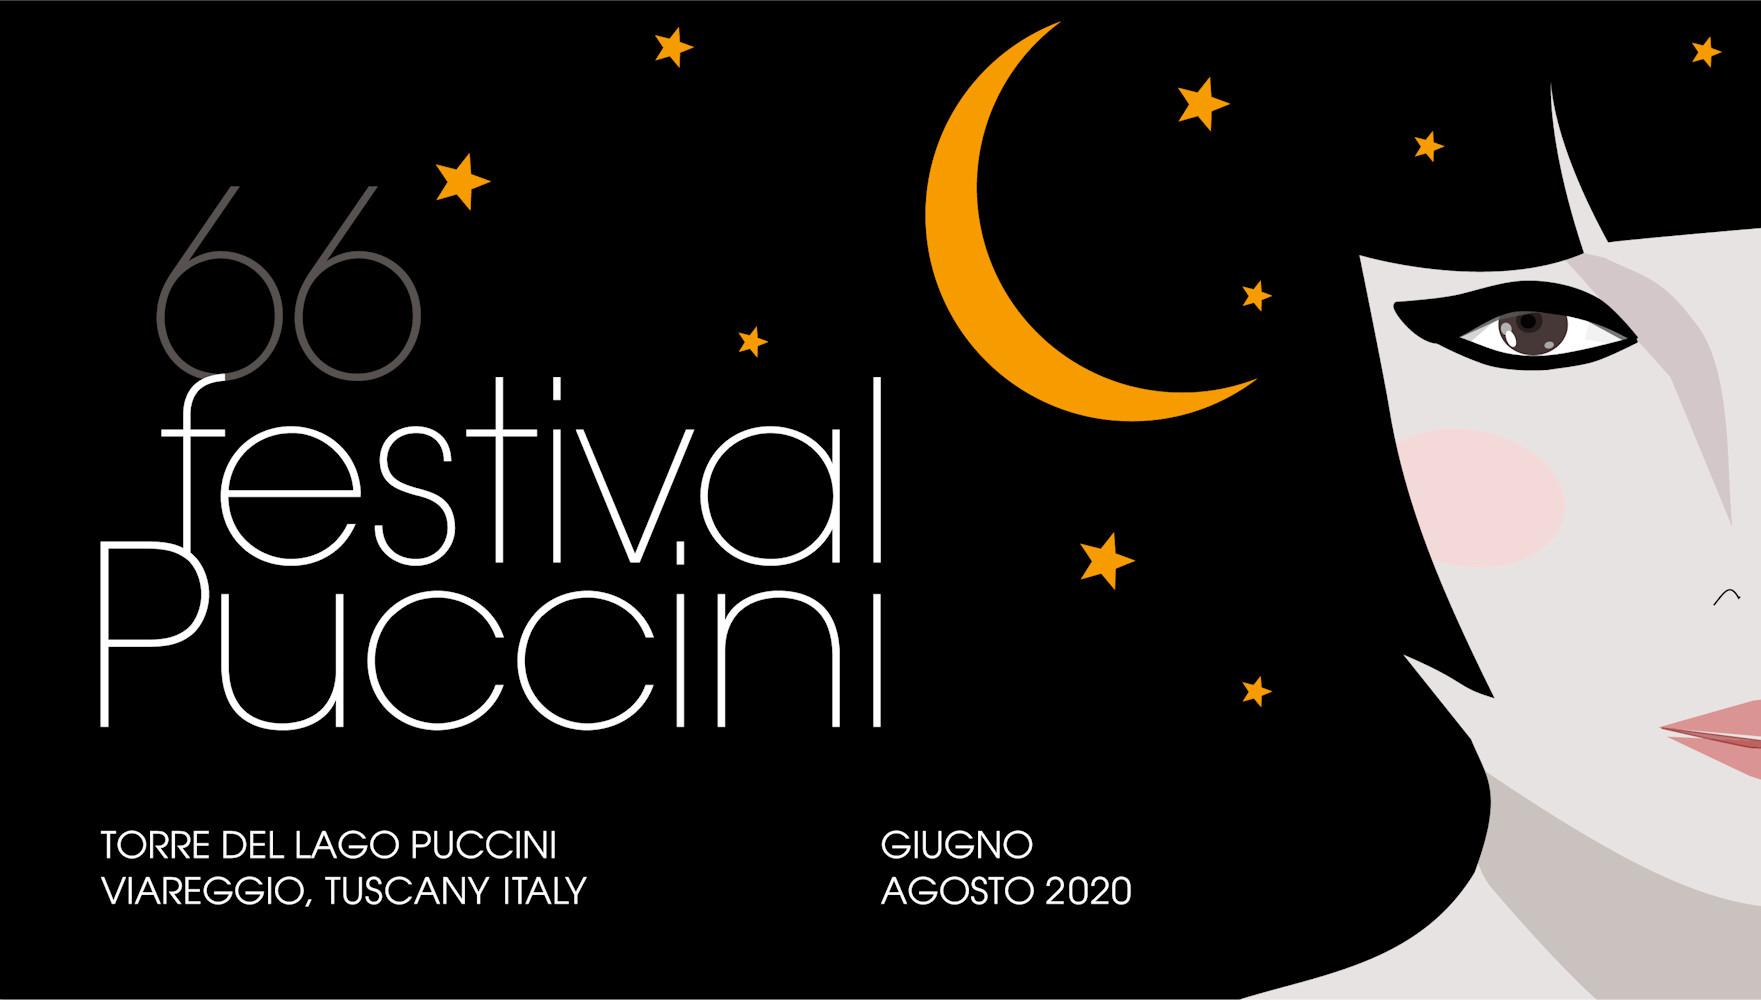 66° festival Puccini